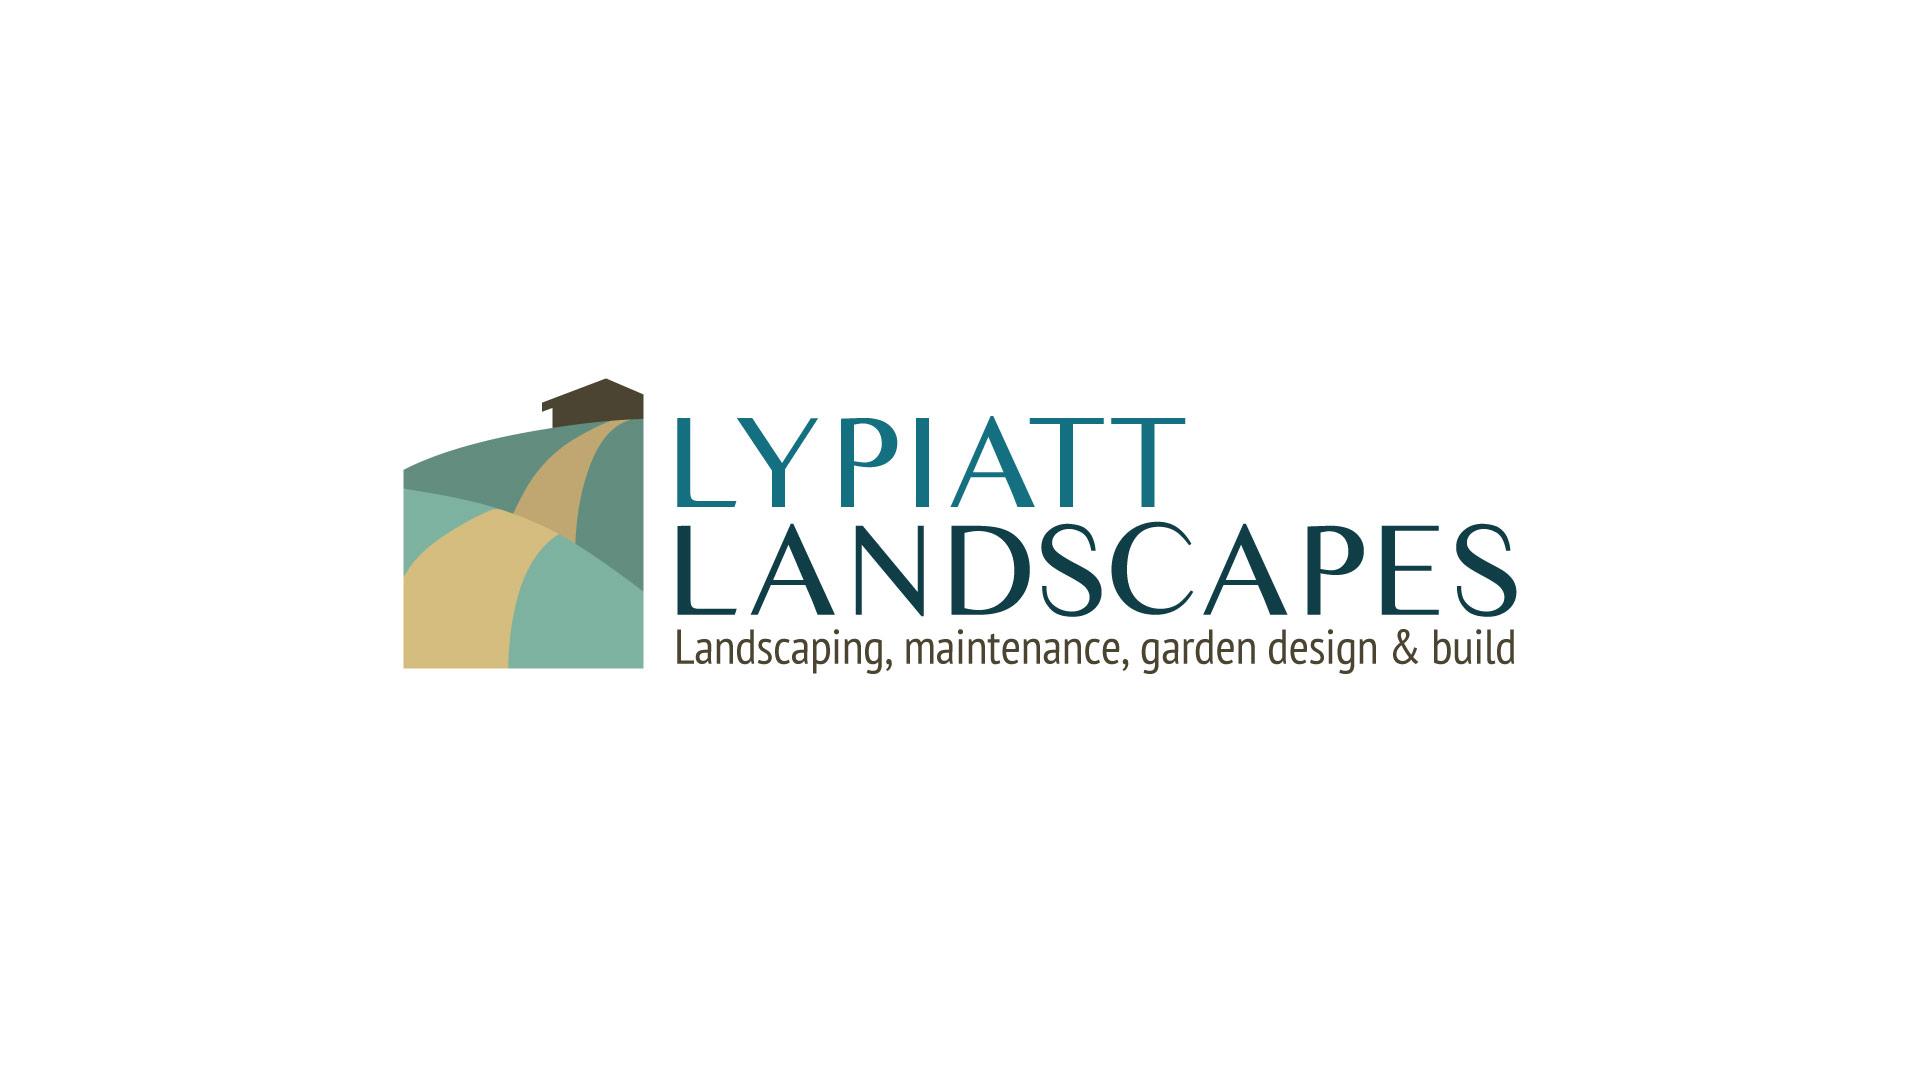 LLA logov1large - Branding & web design for landscape gardening company